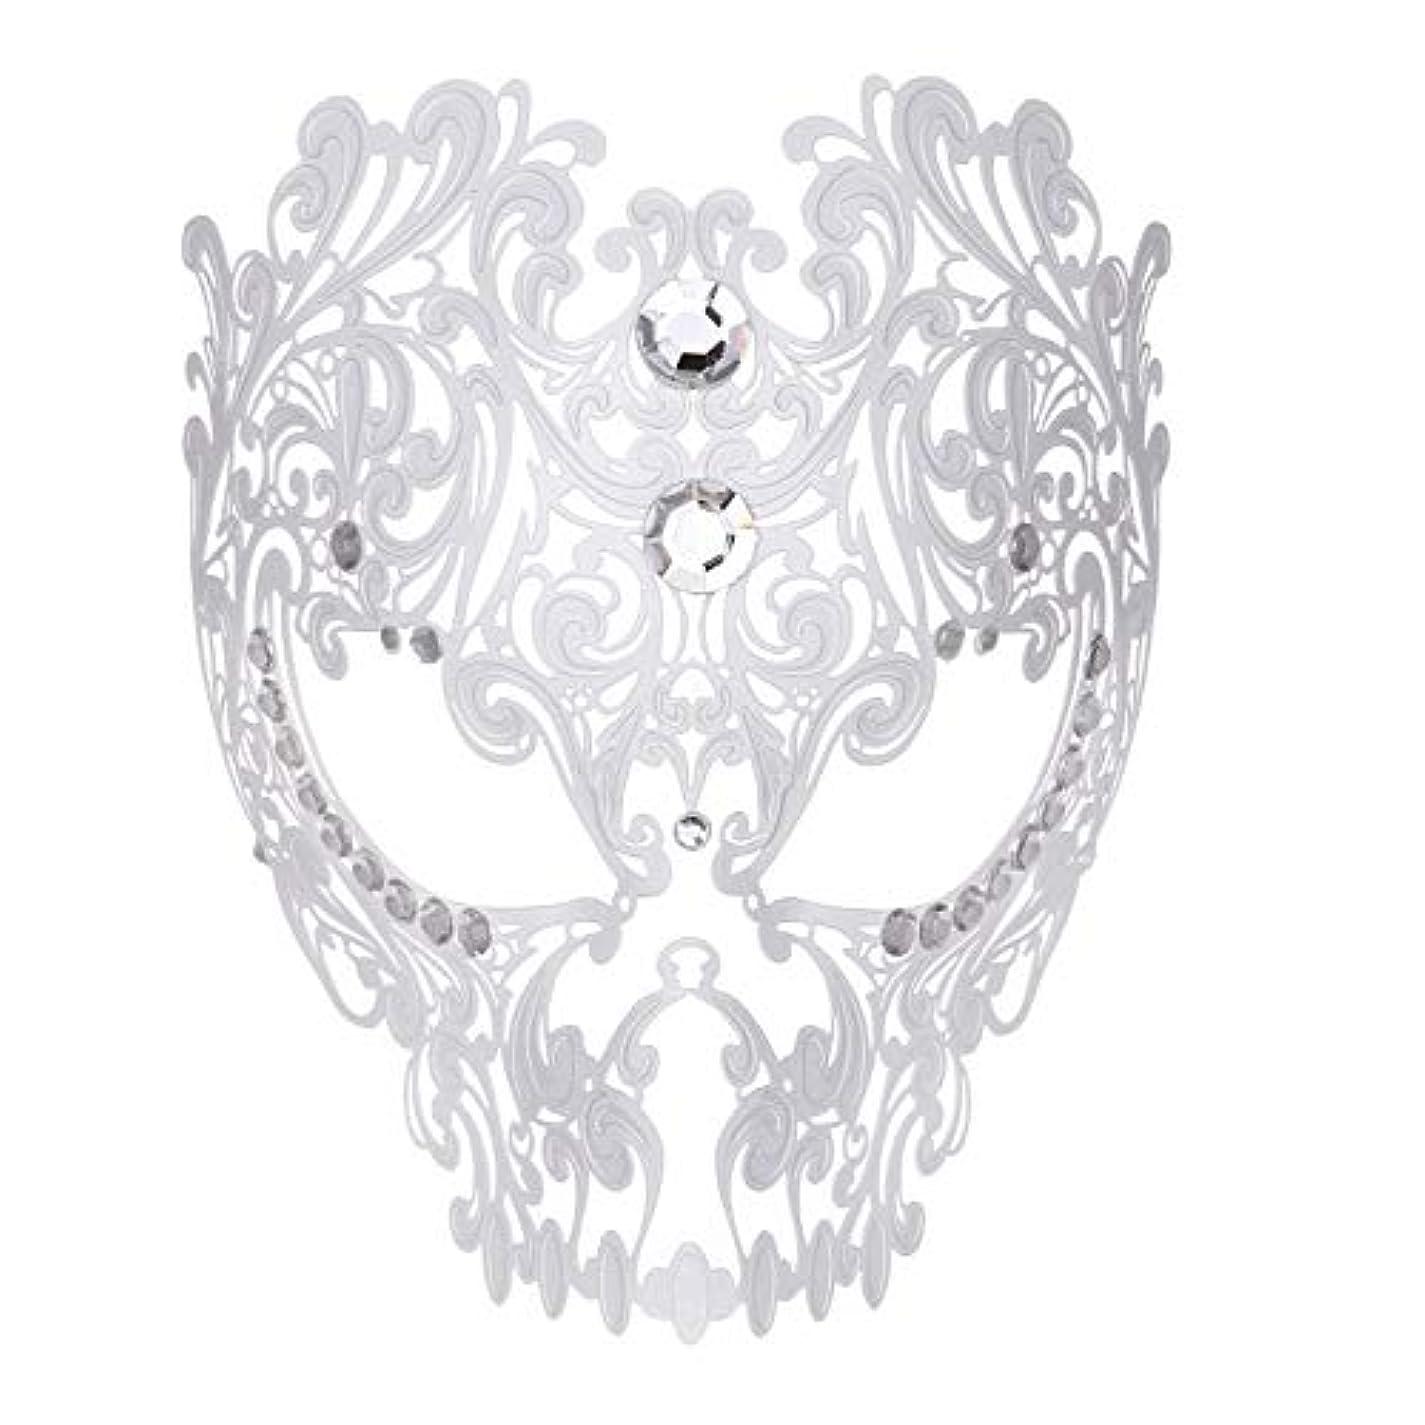 理由破滅的な舗装ダンスマスク フルフェイスエナメル金属象眼細工中空マスクナイトクラブパーティーロールプレイングマスカレードマスク ホリデーパーティー用品 (色 : 白, サイズ : Universal)